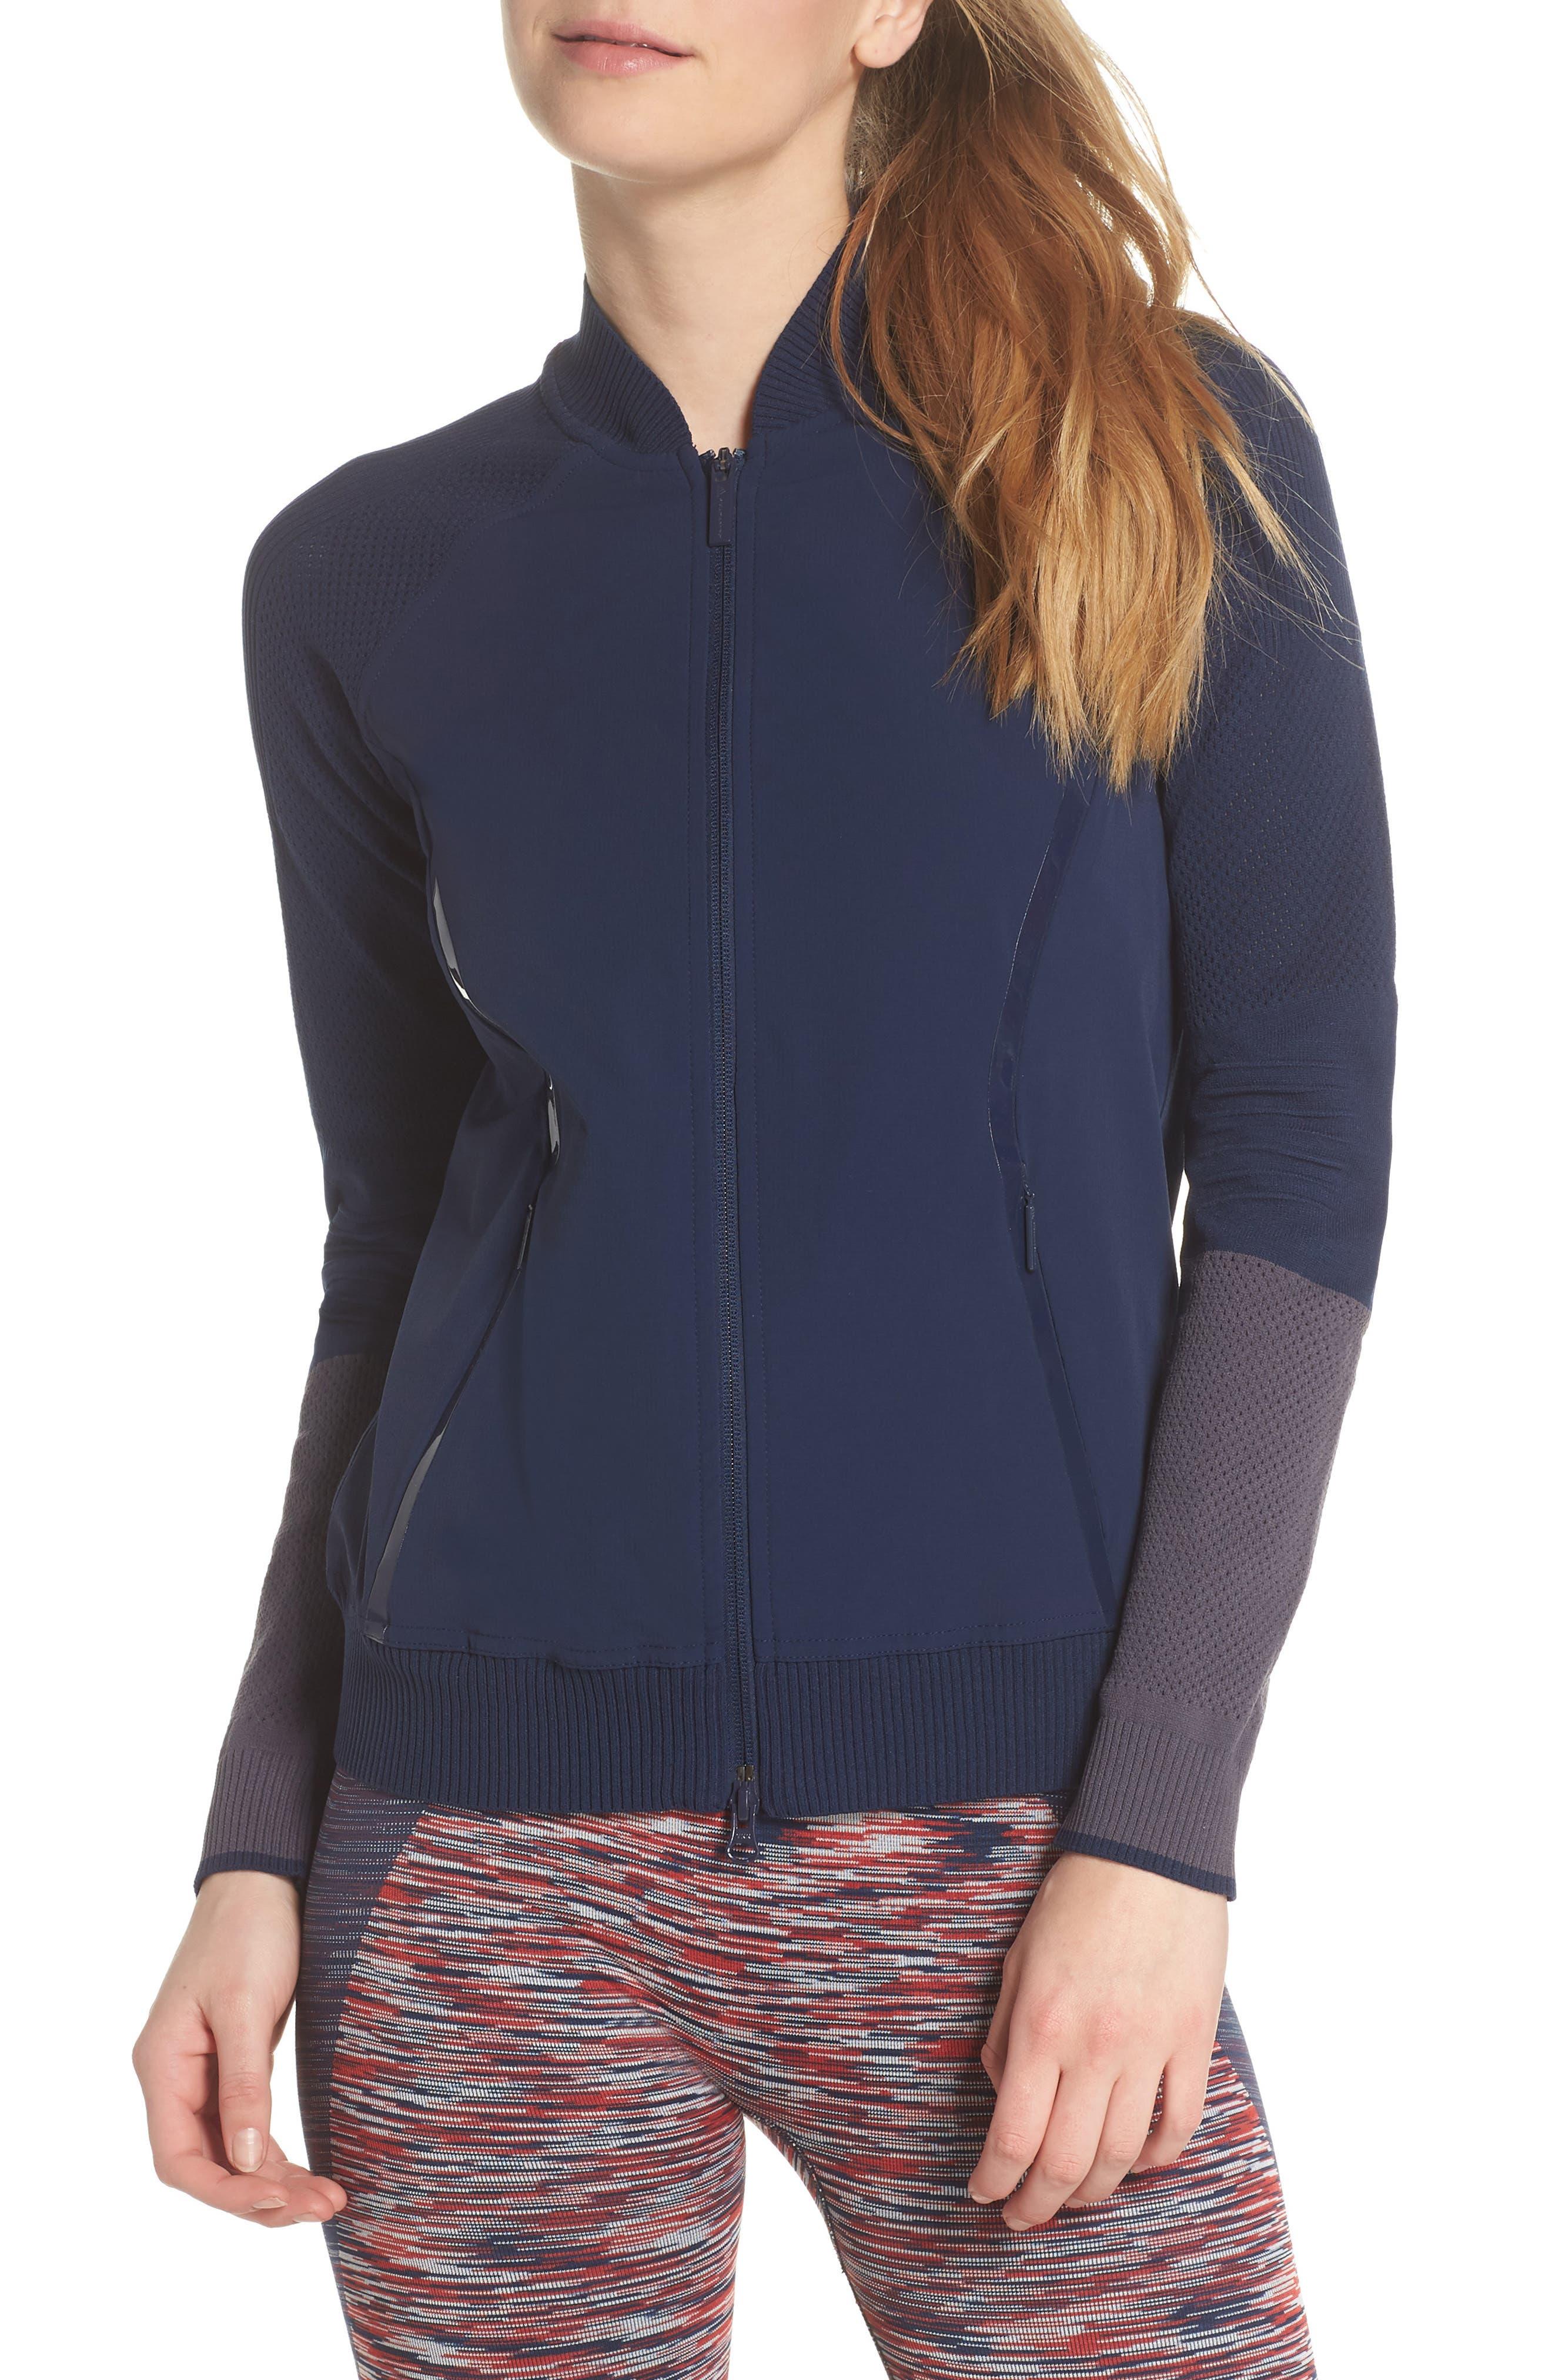 Run Ultra Knit & Woven Jacket,                             Main thumbnail 1, color,                             415